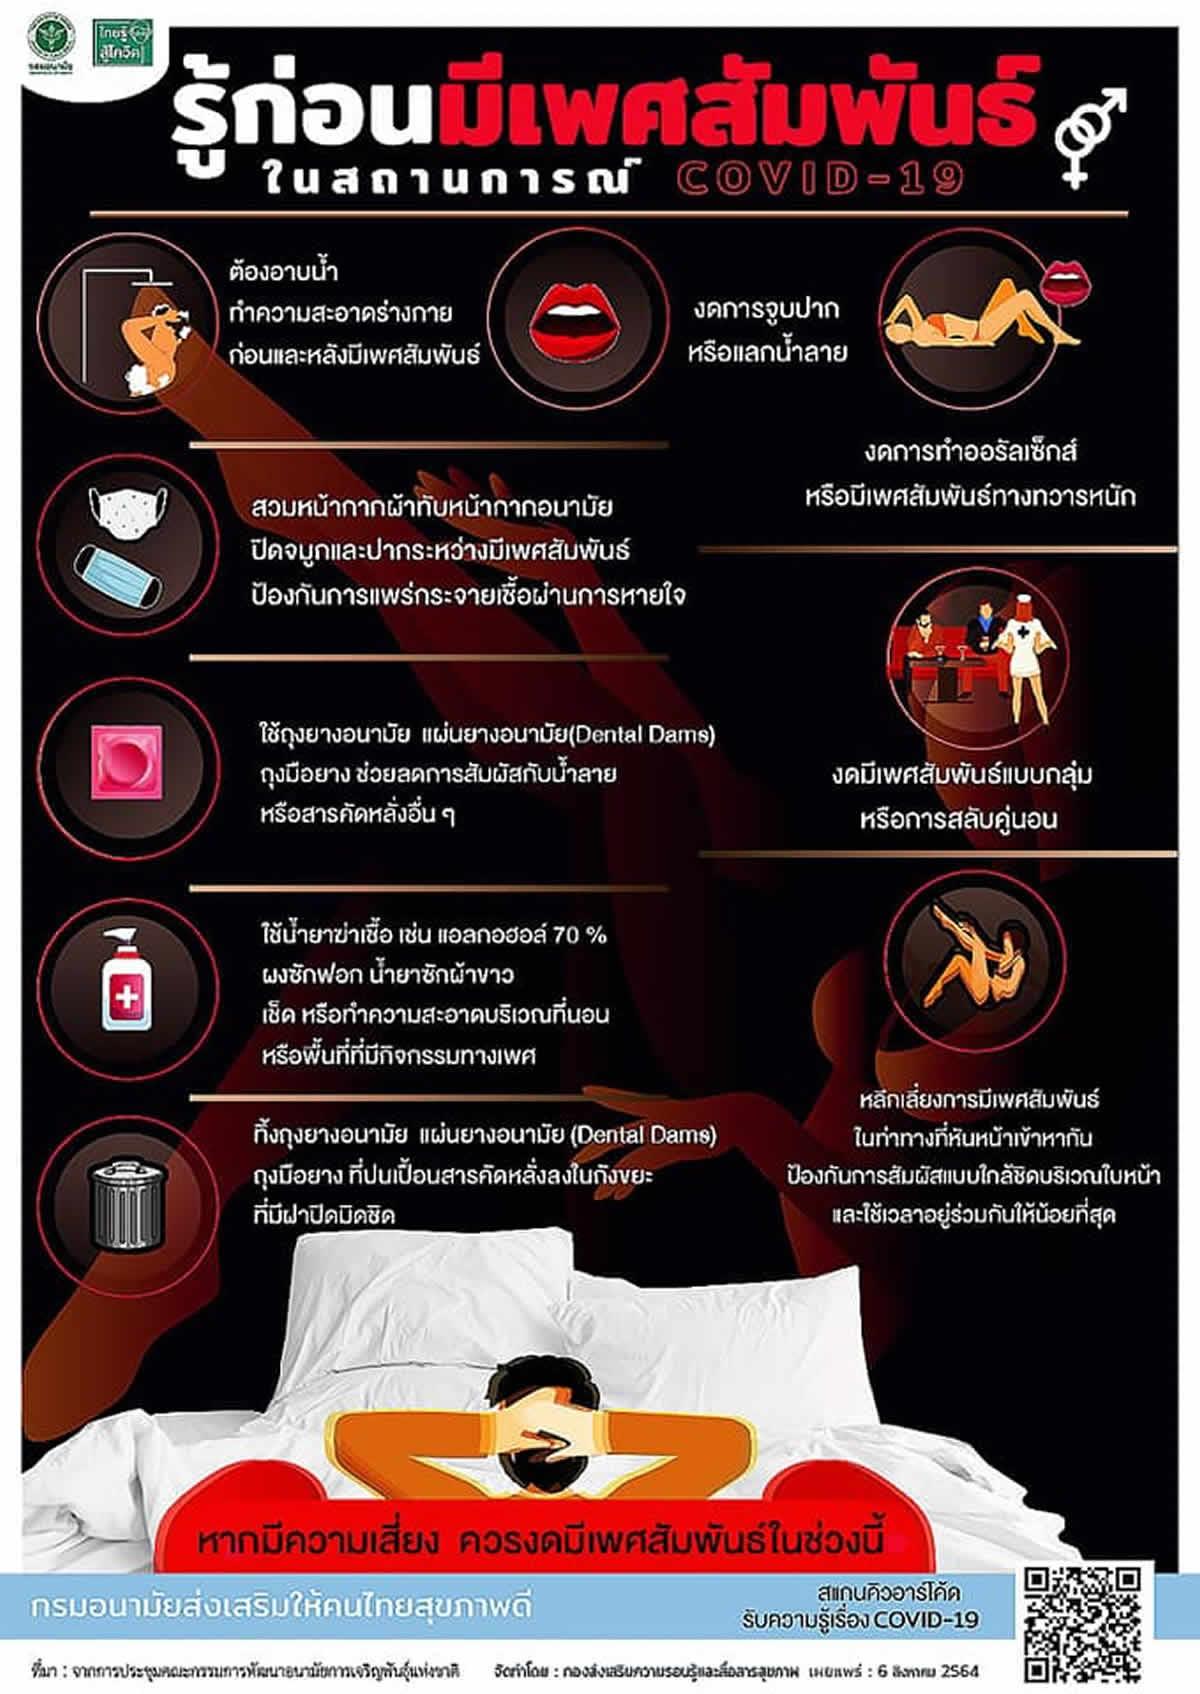 「セックスはマスクを着用、対面は避けて」、タイ保健省生殖保健局長がアドバイス